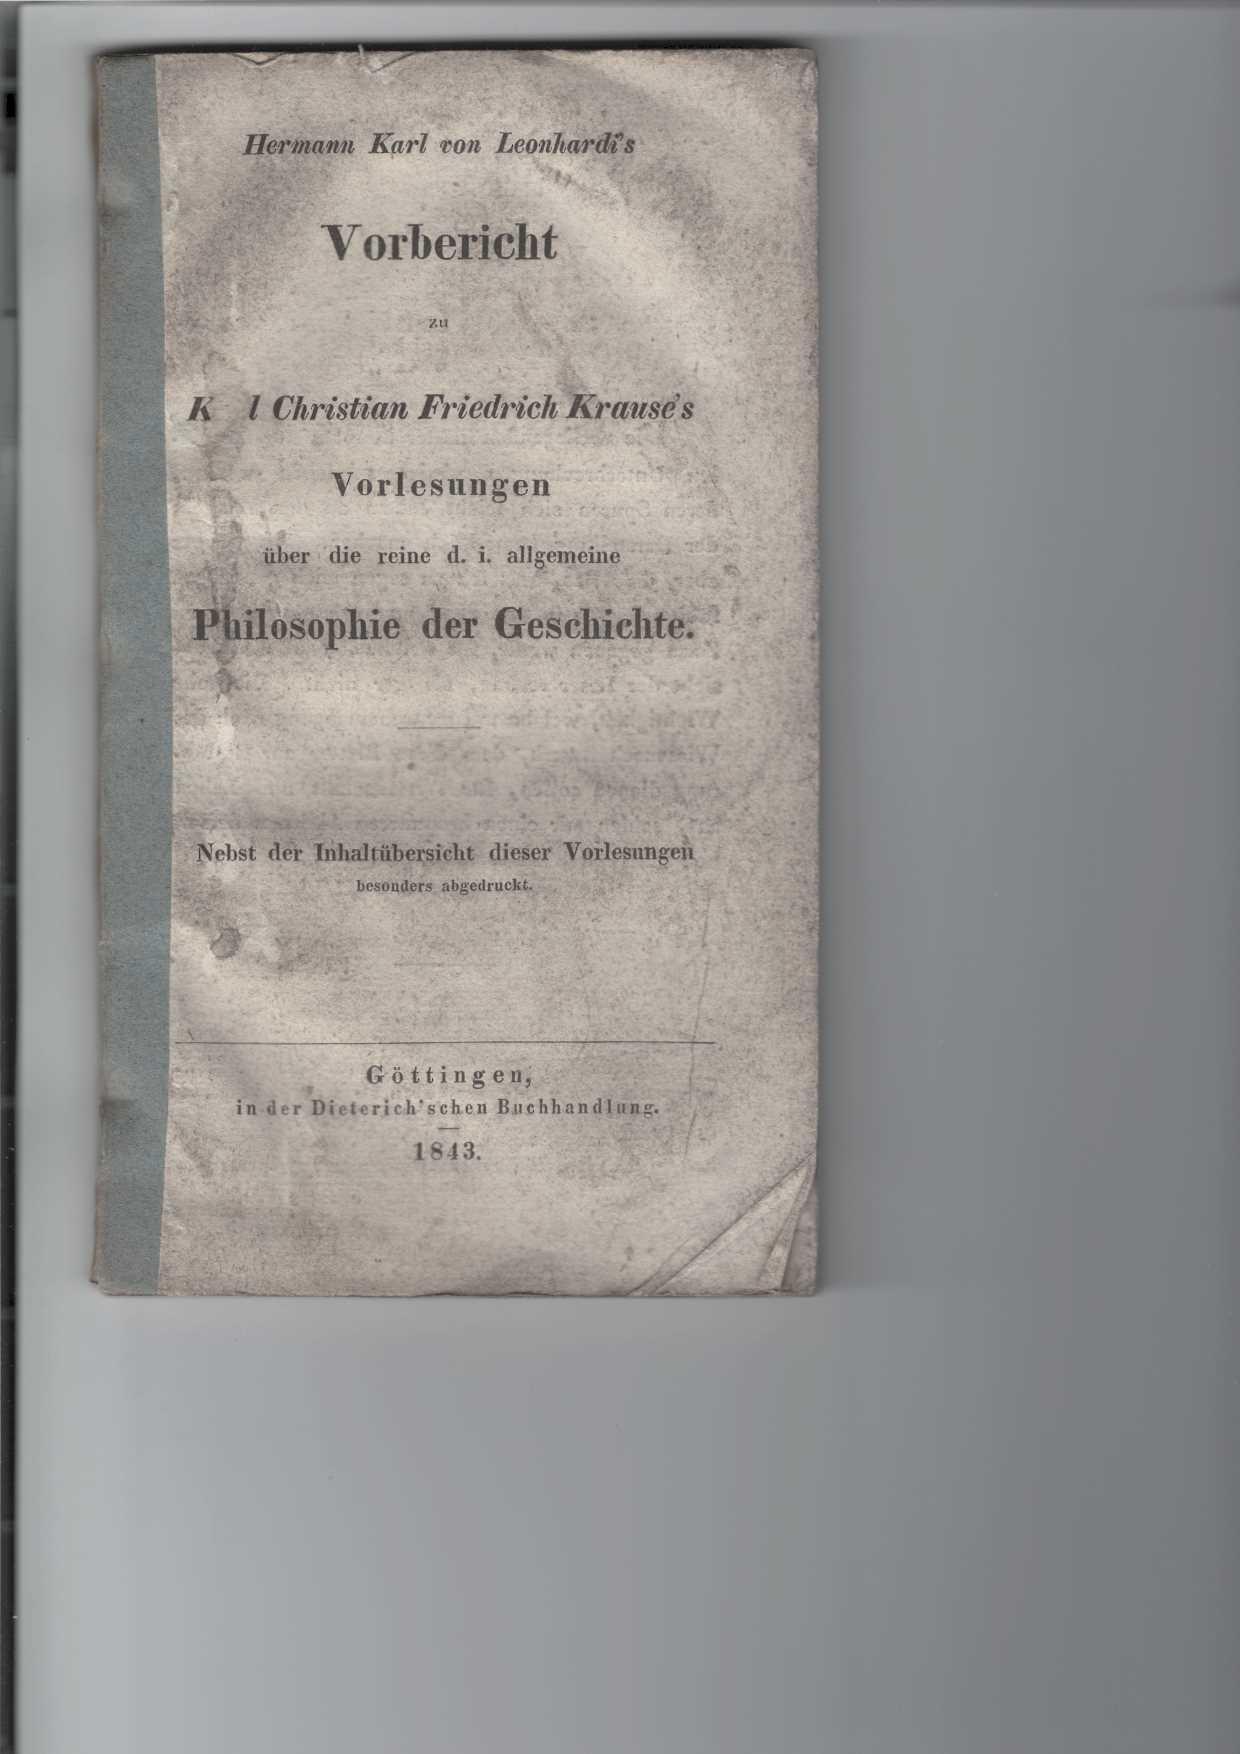 Vorbericht zu Karl Christian Friedrich Krause´s Vorlesungen über die reine d. i. allgemeine Philosophie der Geschichte. Nebst der Inhaltsübersicht dieser Vorlesungen besonders abgedruckt.